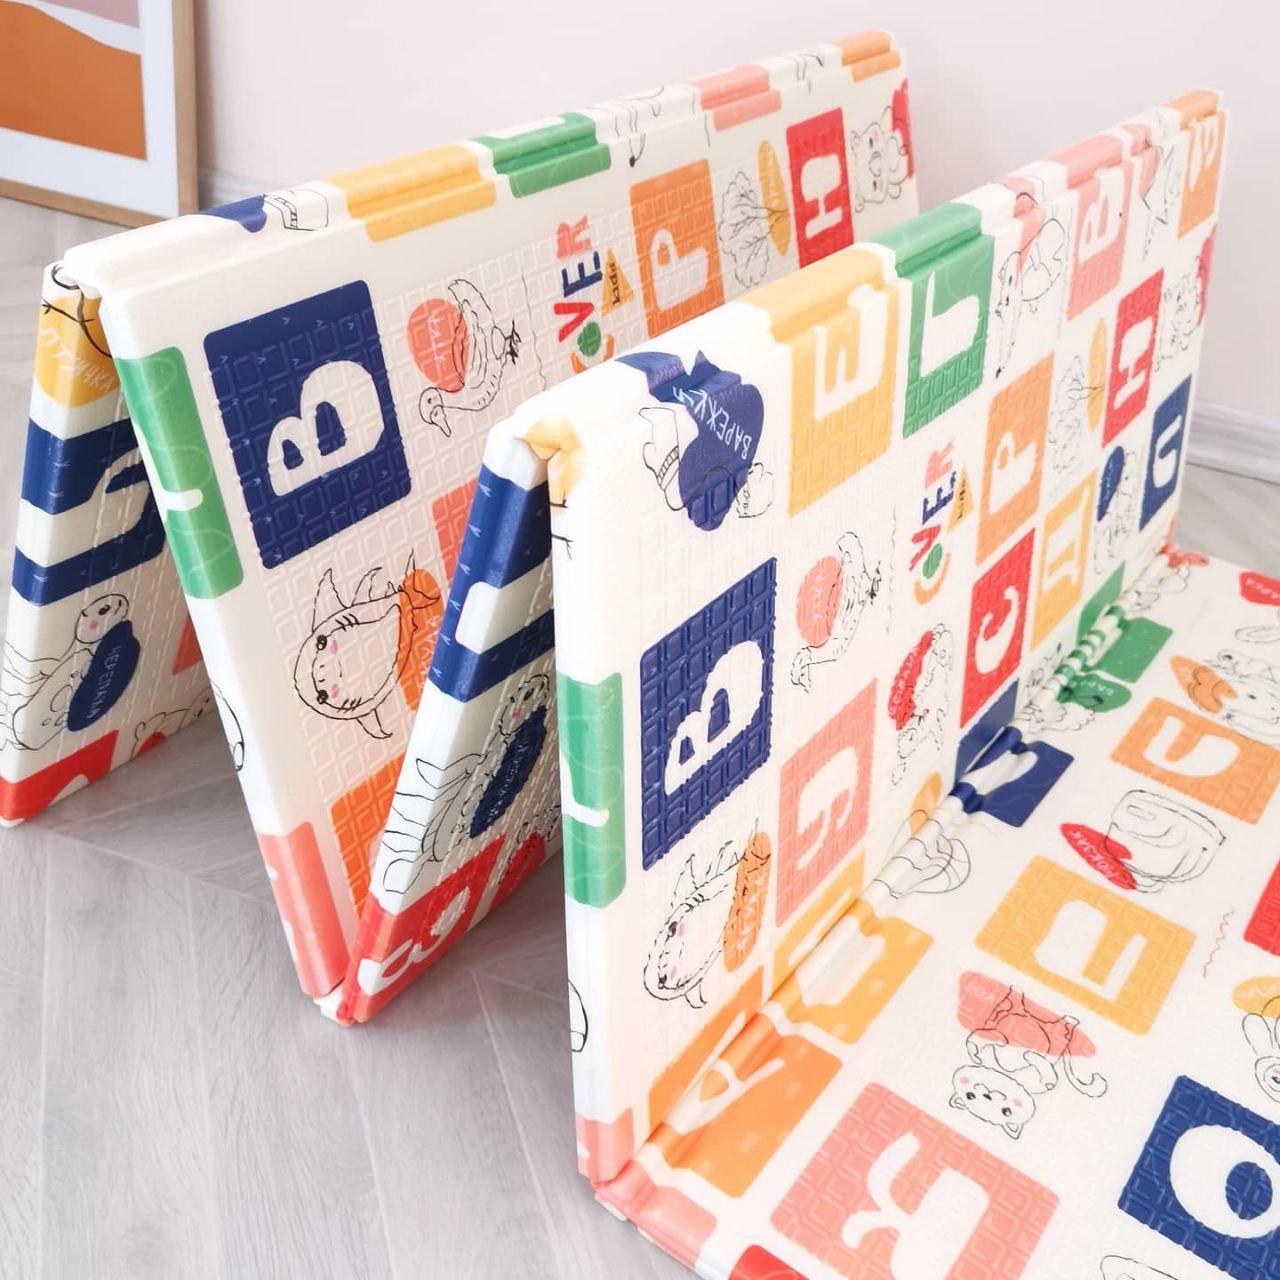 Дитячий розвиваючий двосторонній термо килимок №6, Алфавіт і Дороги, розмір 200х180х1см